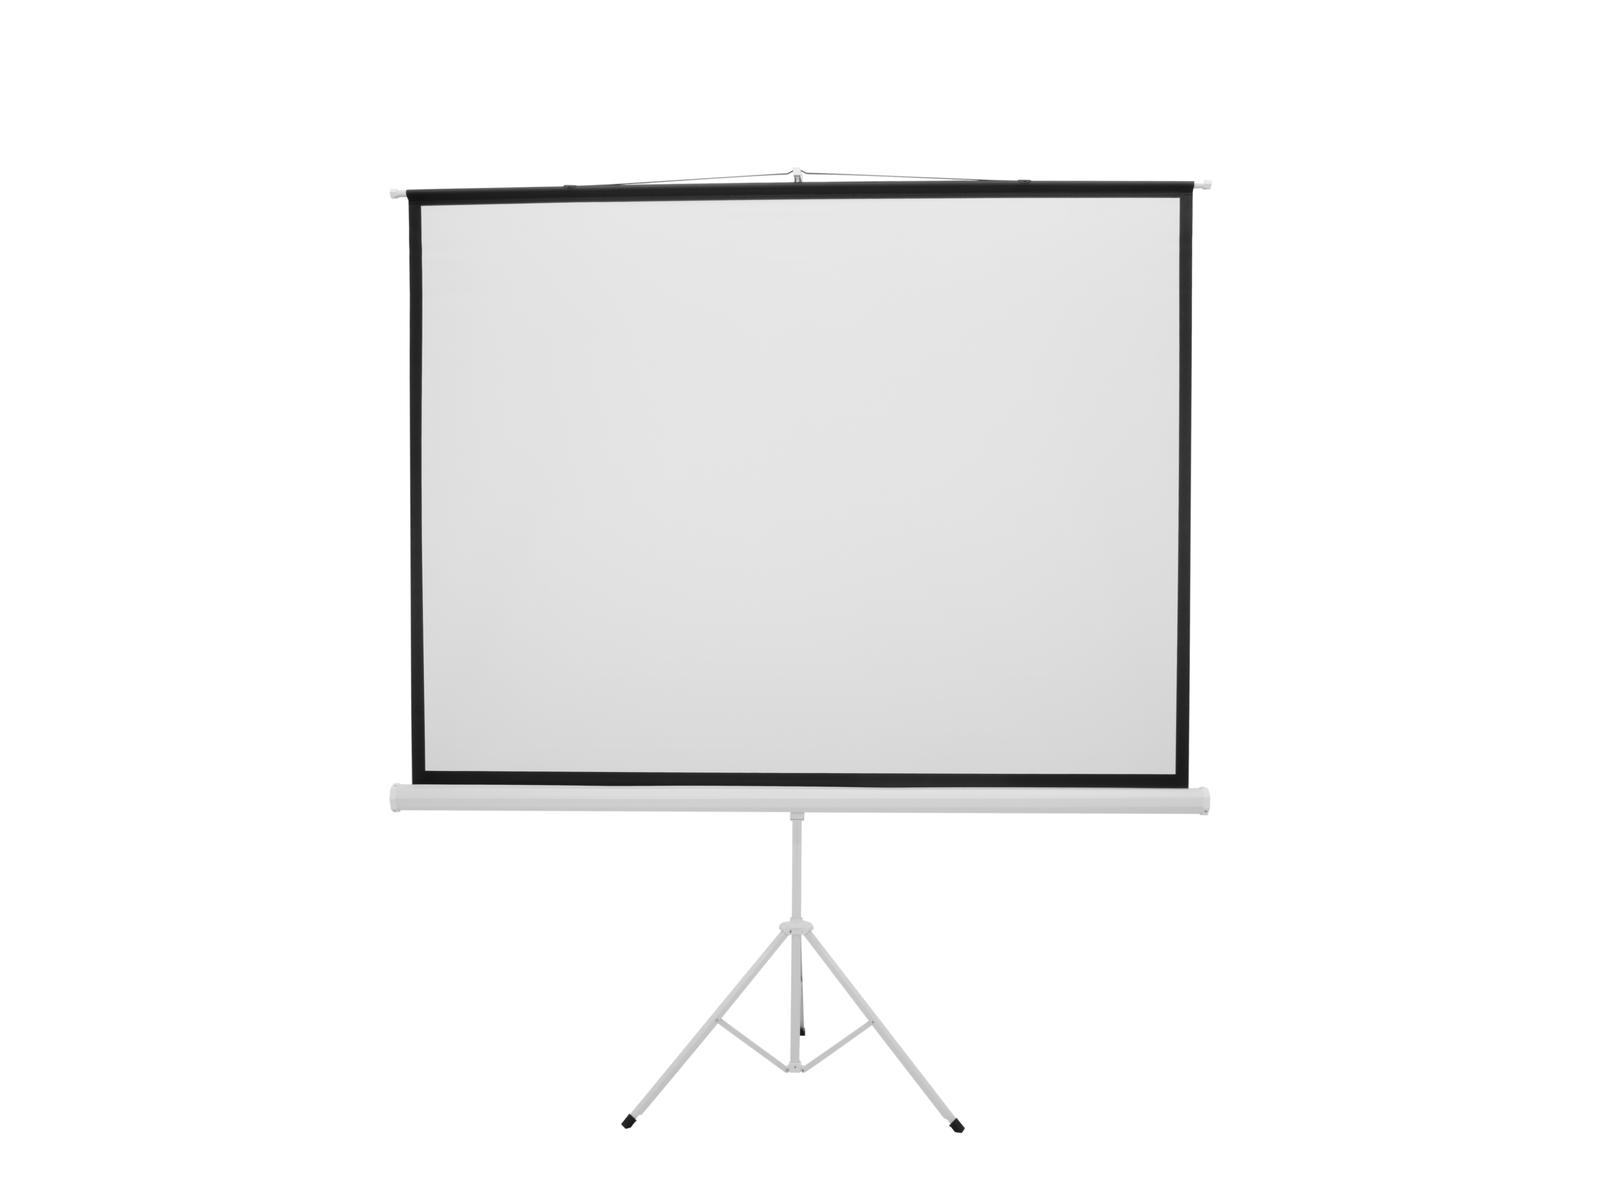 EUROLITE Projekční plátno 4:3, 2 x 1.5m